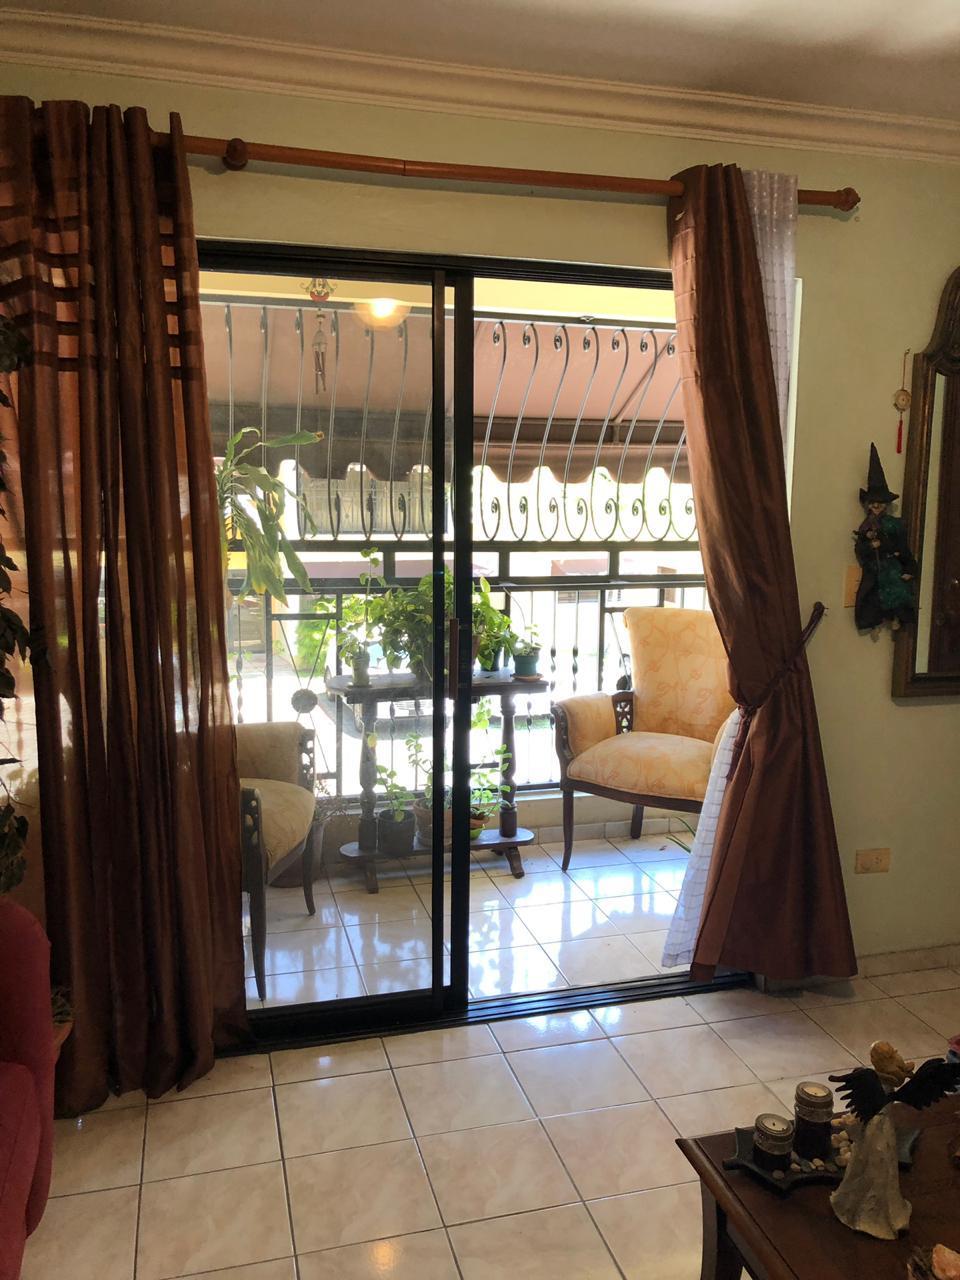 Apartamento en venta en el sector LAS PRADERAS precio RD$ 6,700,000.00 RD$6,700,000